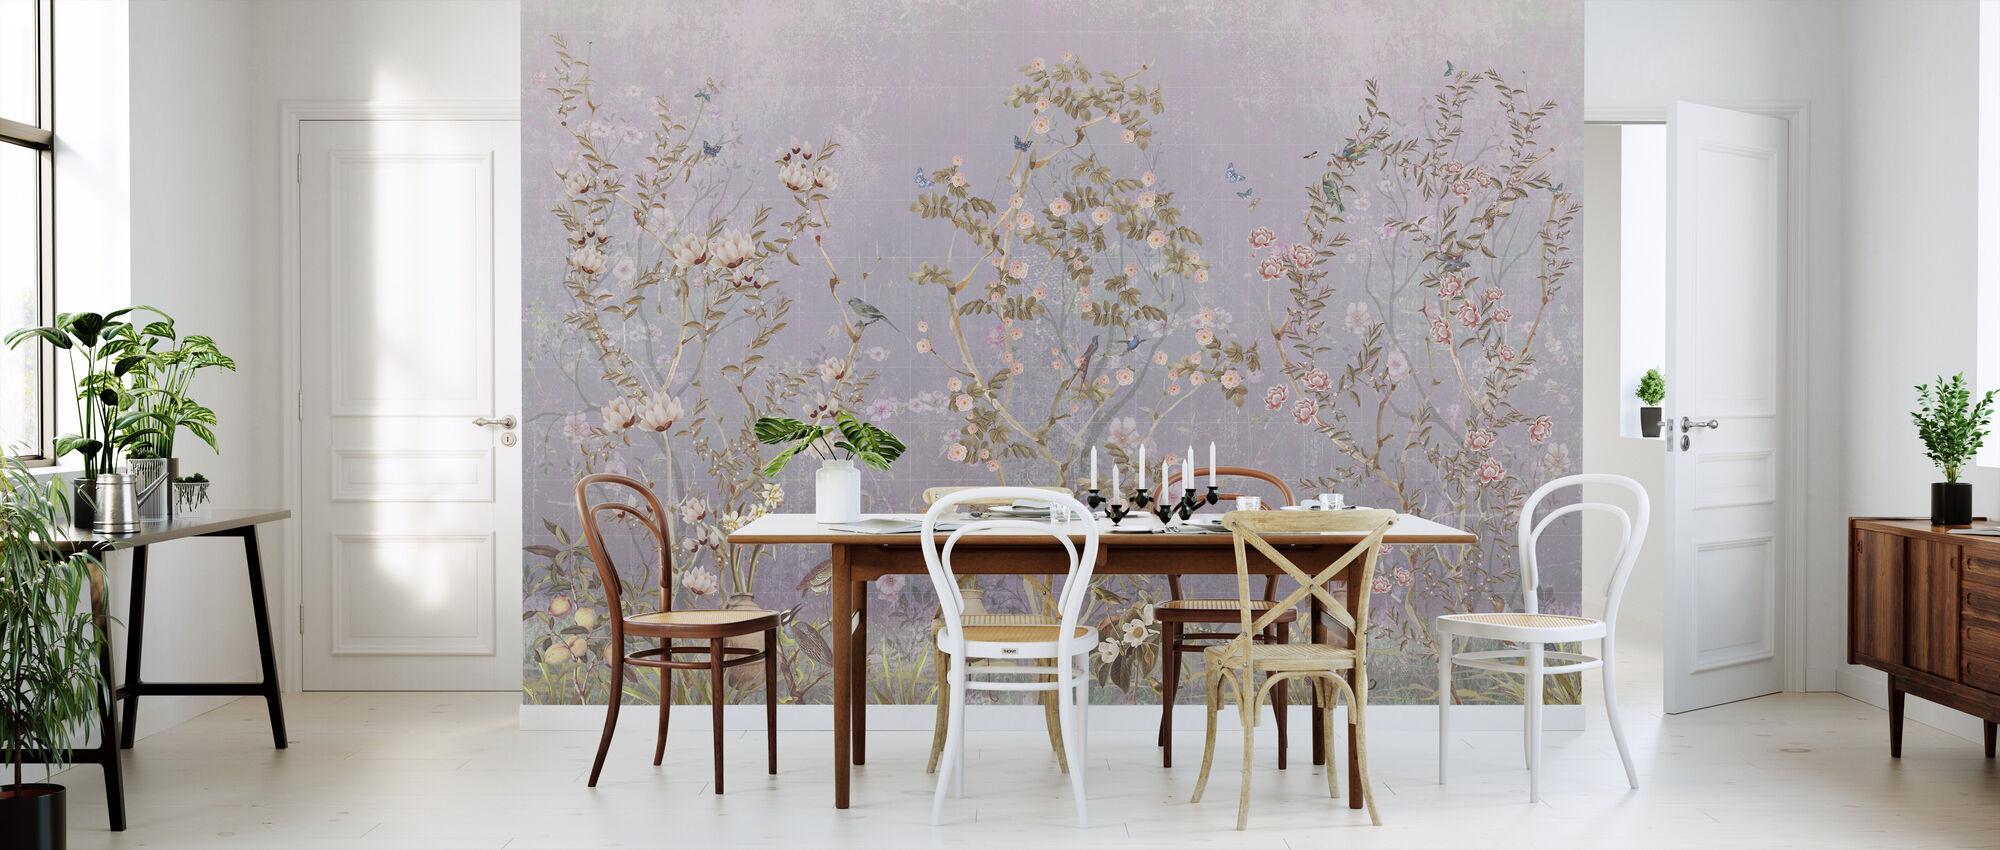 Lovely Flower Bush - Wallpaper - Kitchen